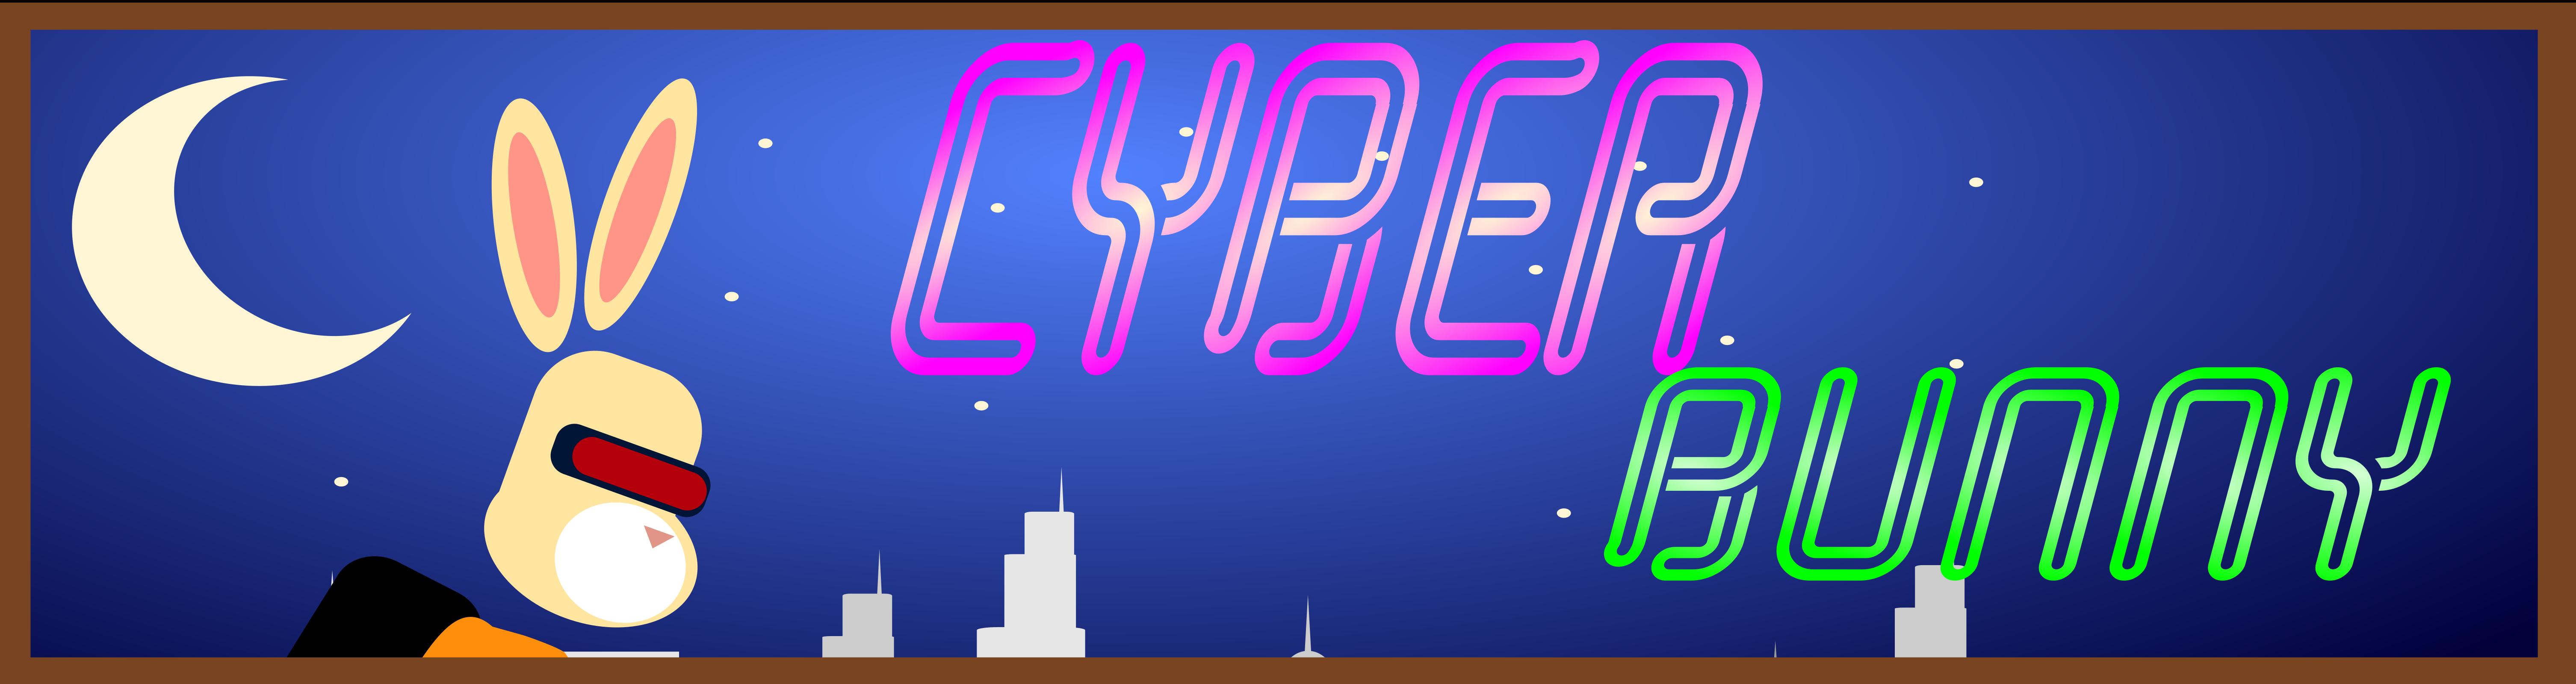 Cyberbunny